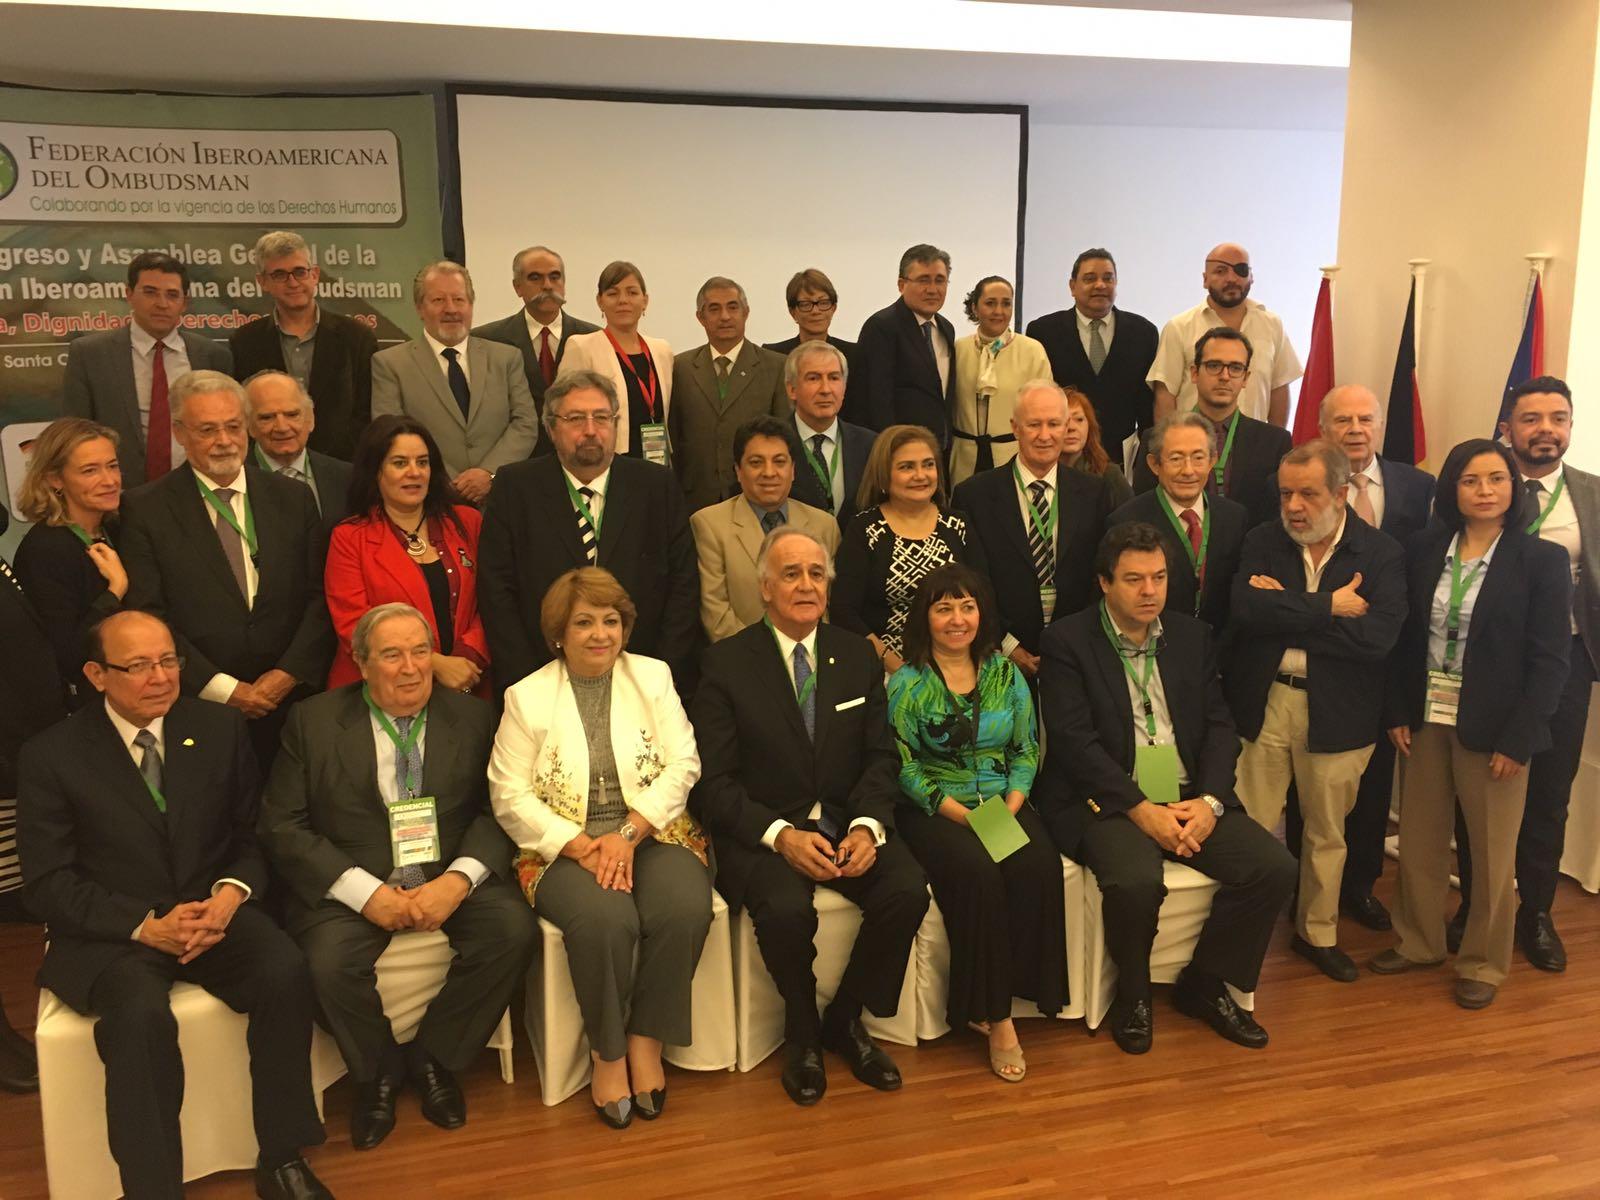 XXI Congreso de la Federación Iberoamericana del Ombudsman